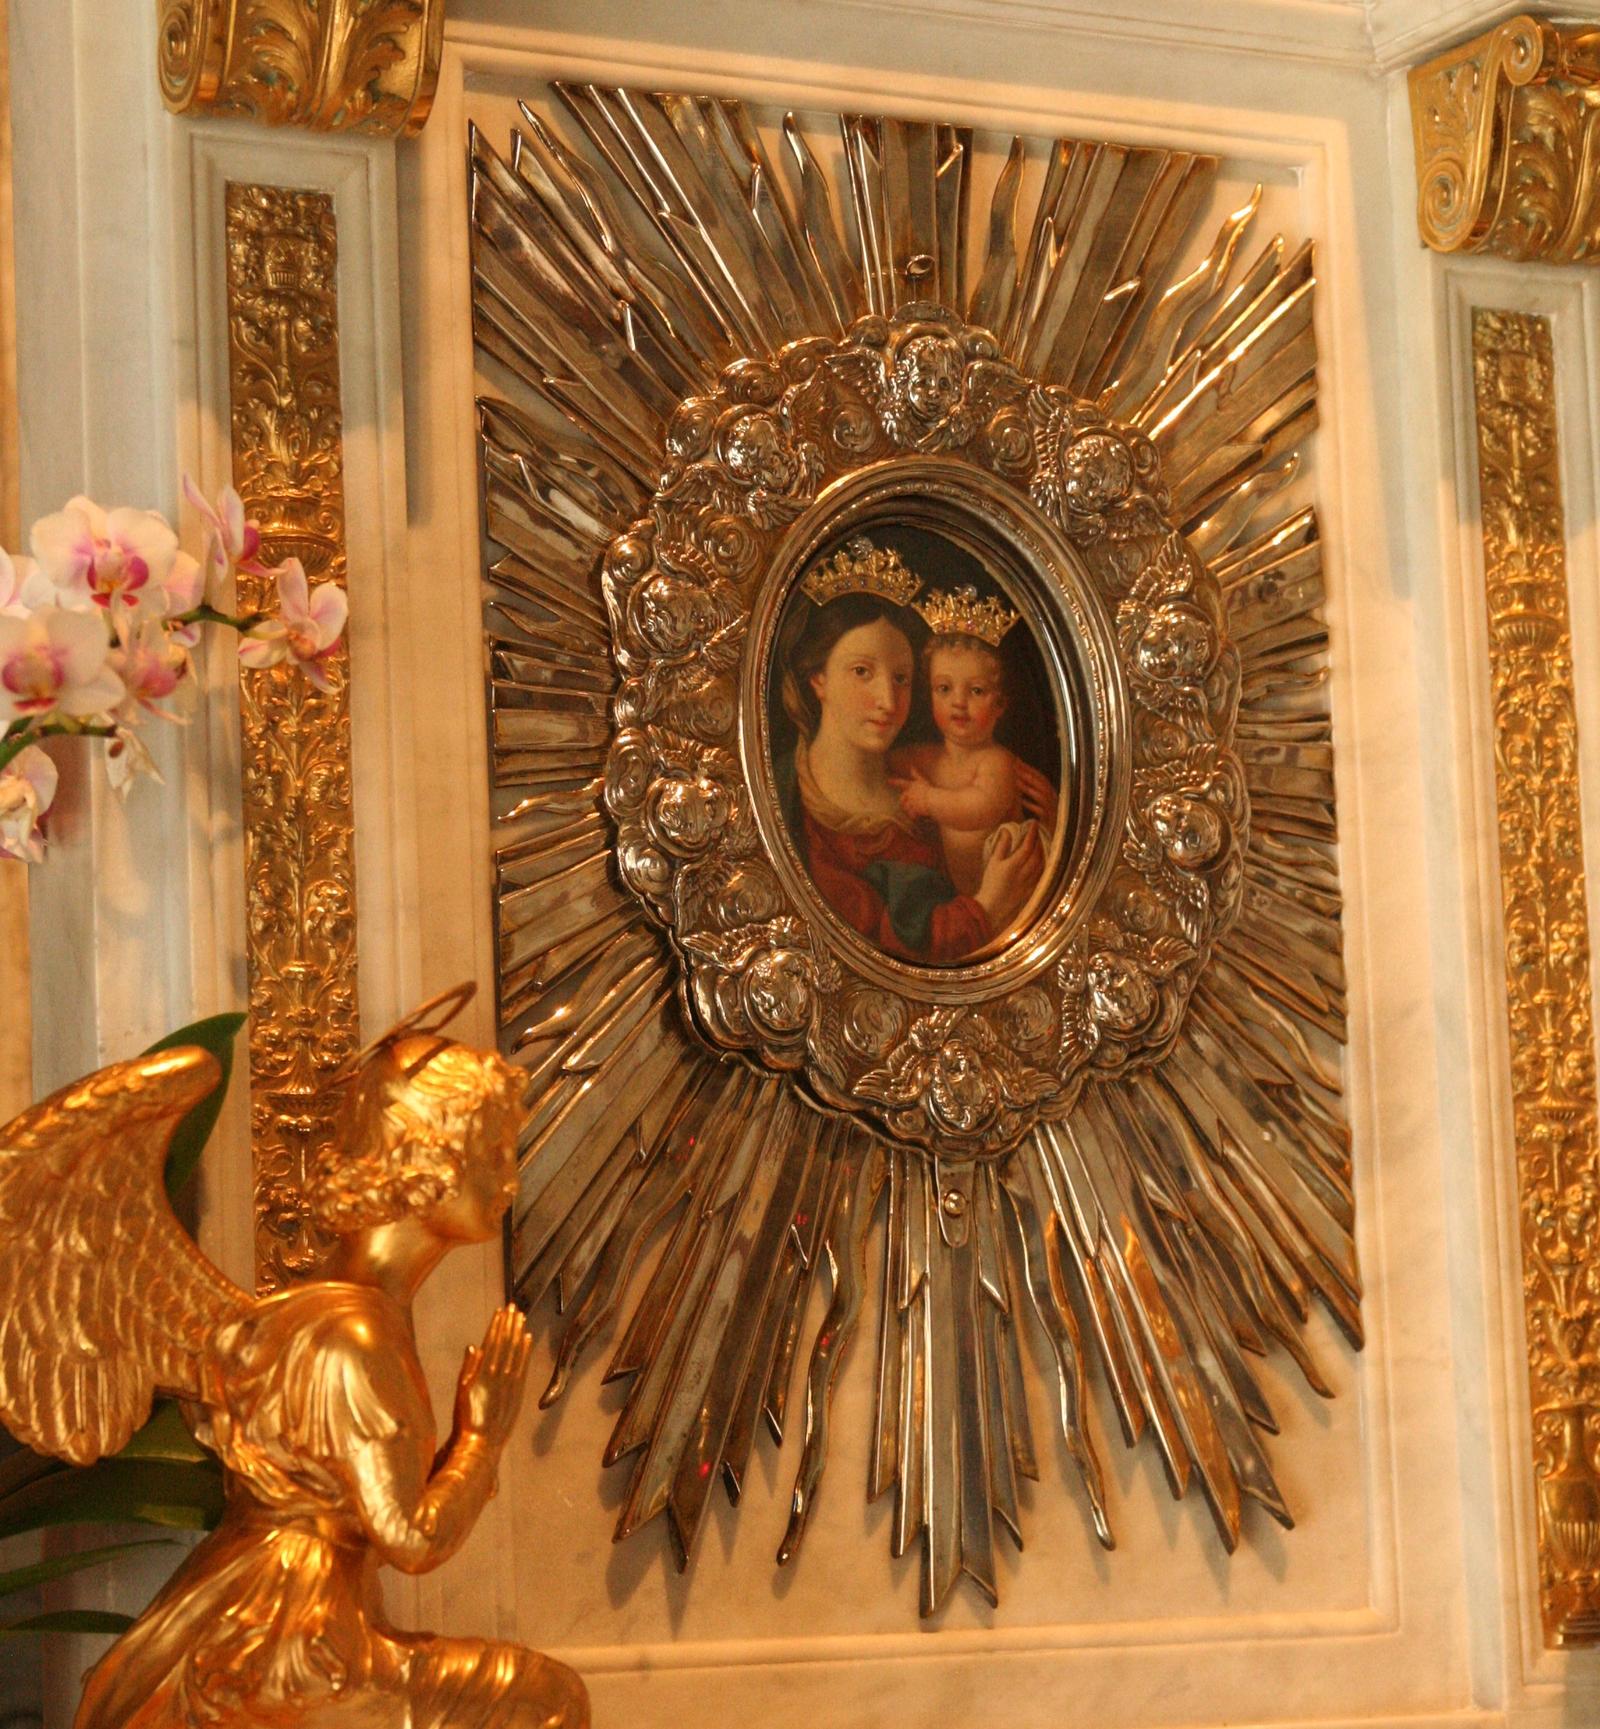 Gracias de la Virgen a quienes Contemplen la Imagen: Nuestra Señora de la Confianza, Italia (24 de febrero)